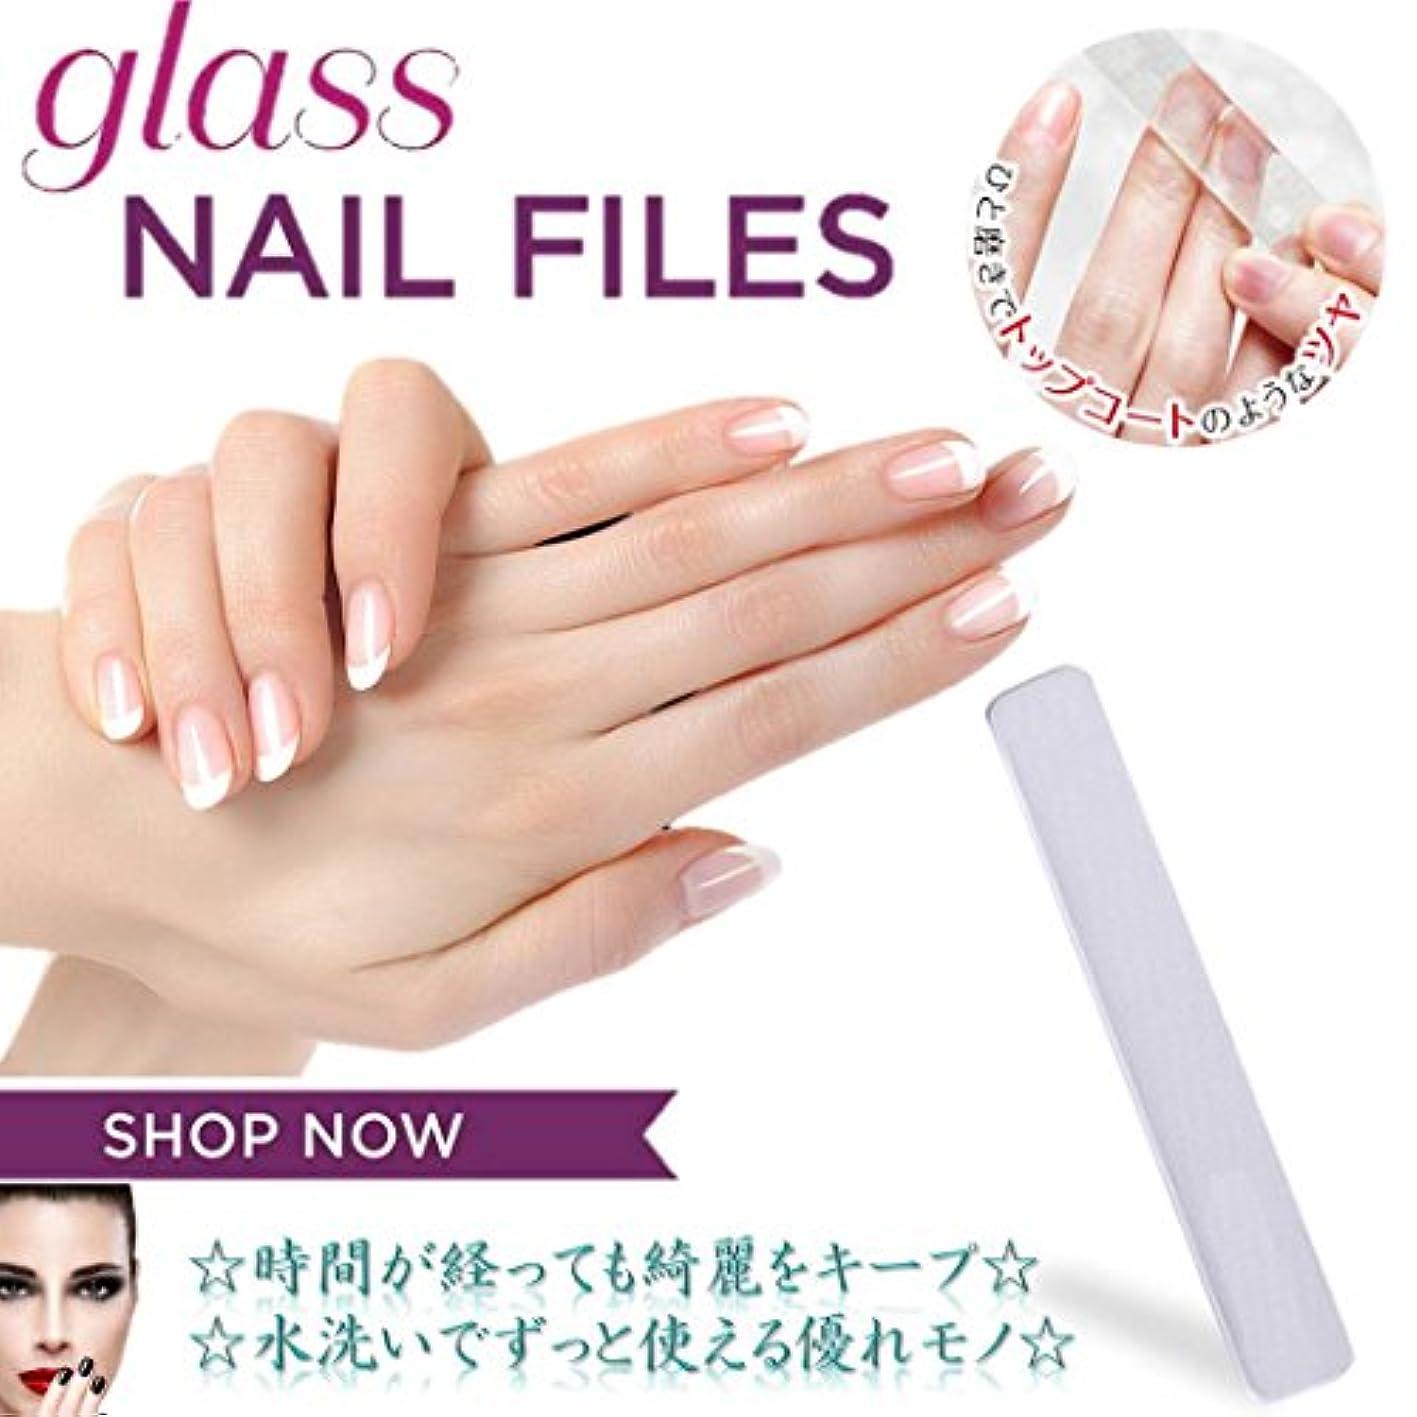 メダル従順マニュアルMNoel ガラス爪磨き 韓国ナノテクノロジー ガラス爪やすり 水洗いで何度も使える ツメミガキ ネイルケア用 爪磨きシート ケース付き 男女兼用